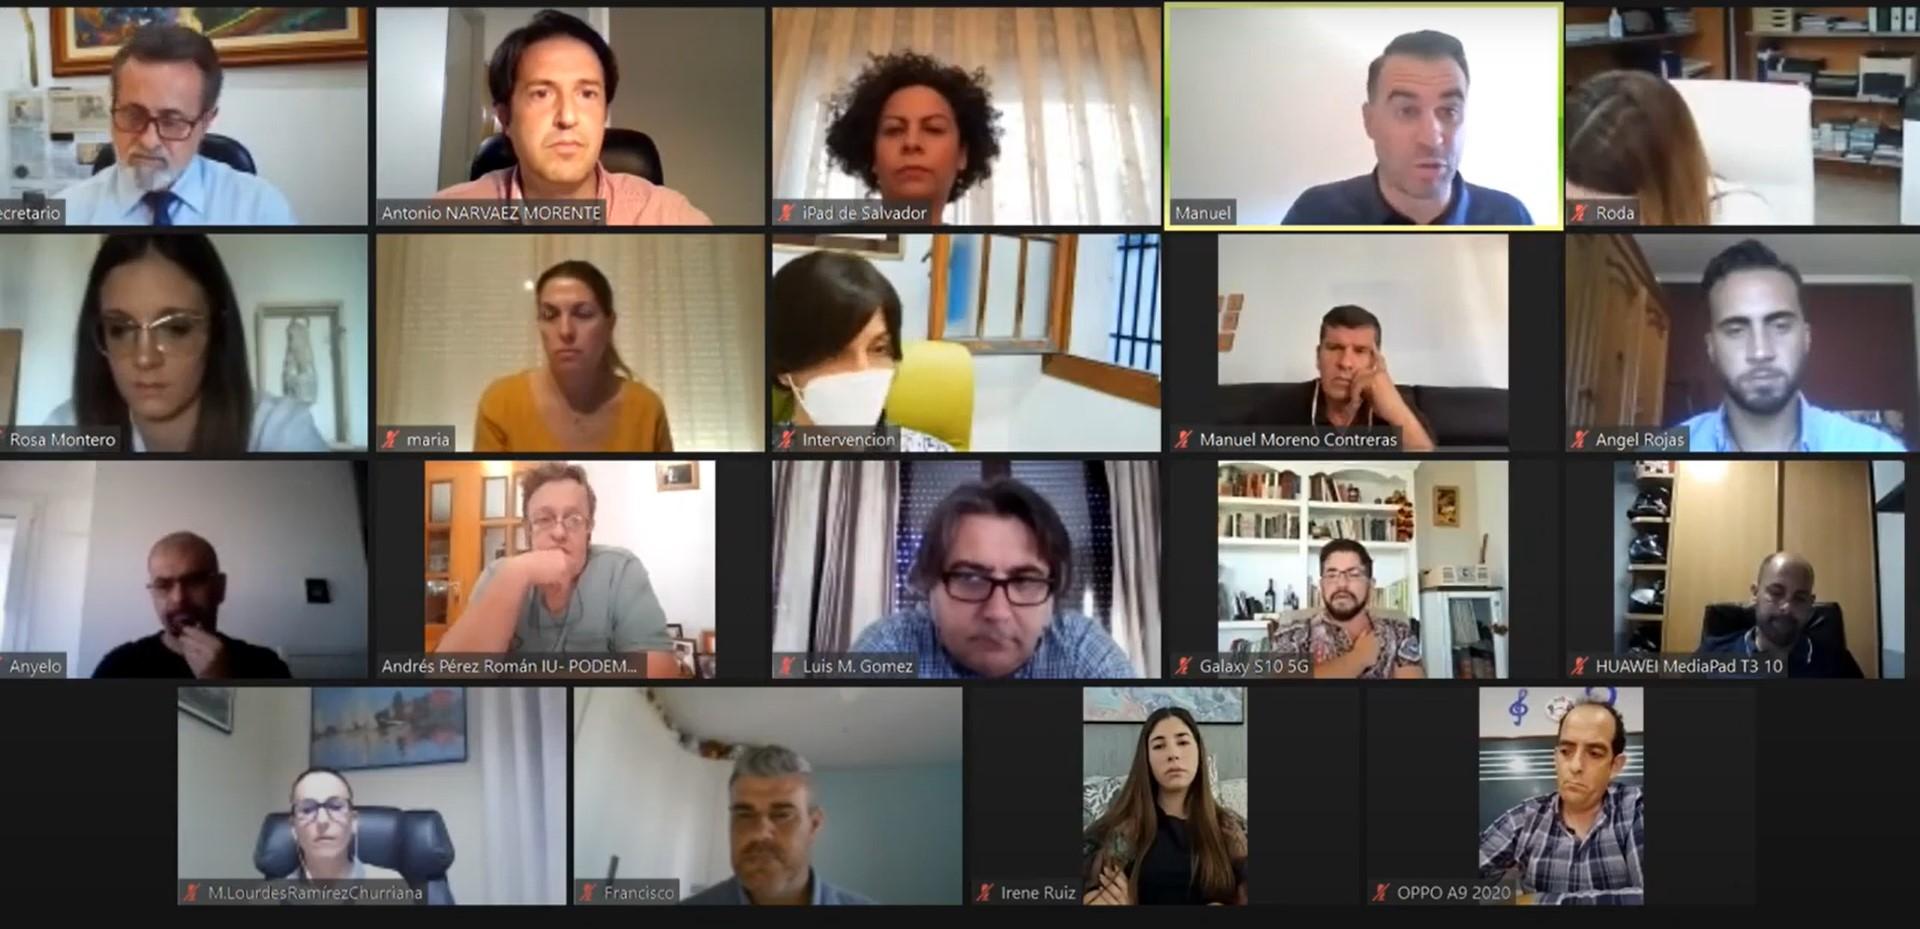 El alcalde de Churriana de la Vega (PP) impide que el caso del concejal tránsfuga se eleve al Consejo Consultivo como pedía el PSOE